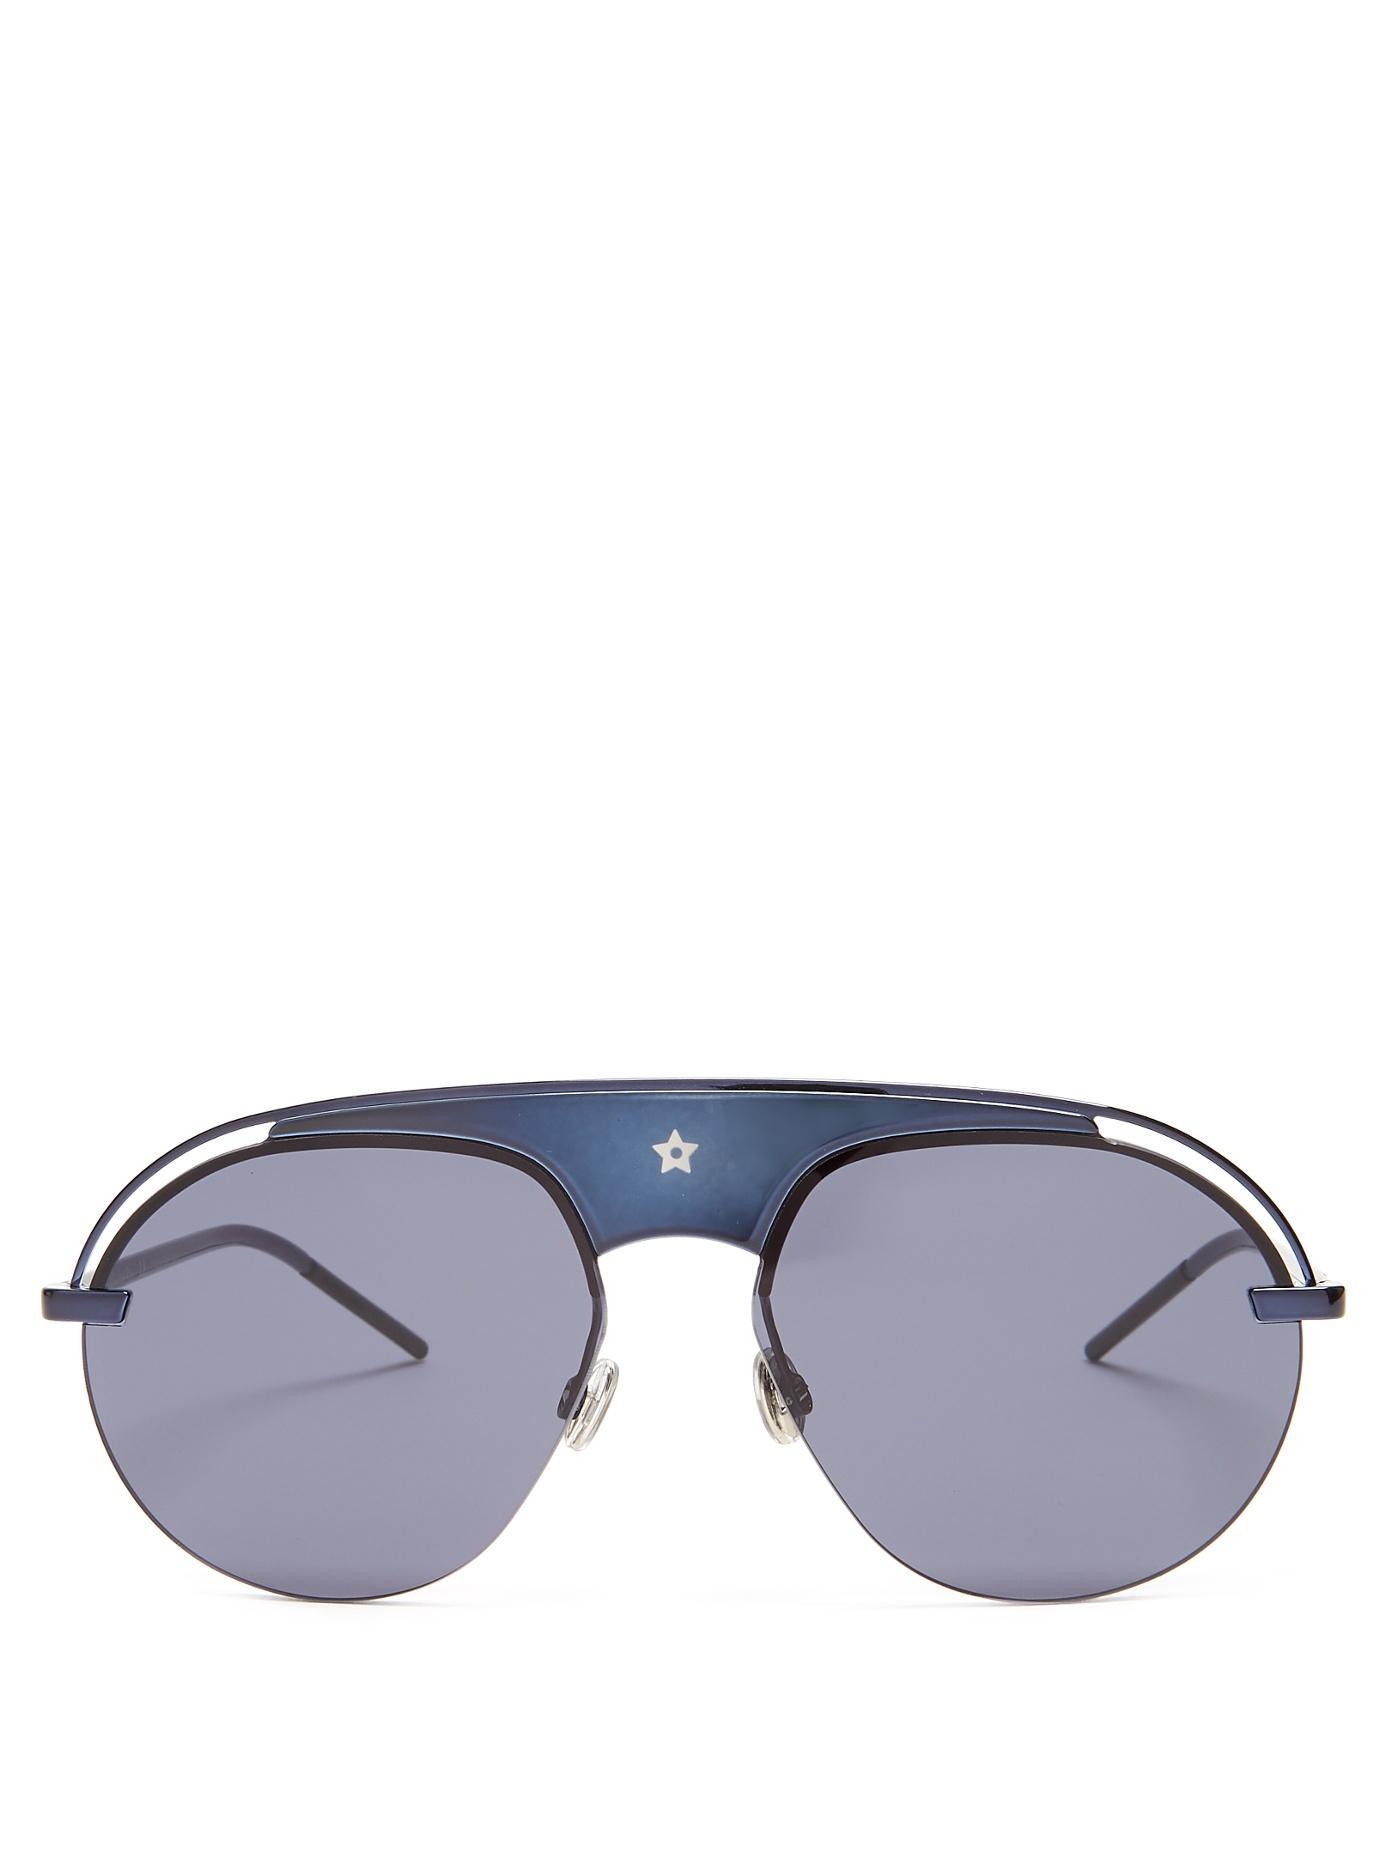 40ab3e4673f4 Dior Eyewear - Evolution Aviator Sunglasses - Womens - Blue | ModeSens